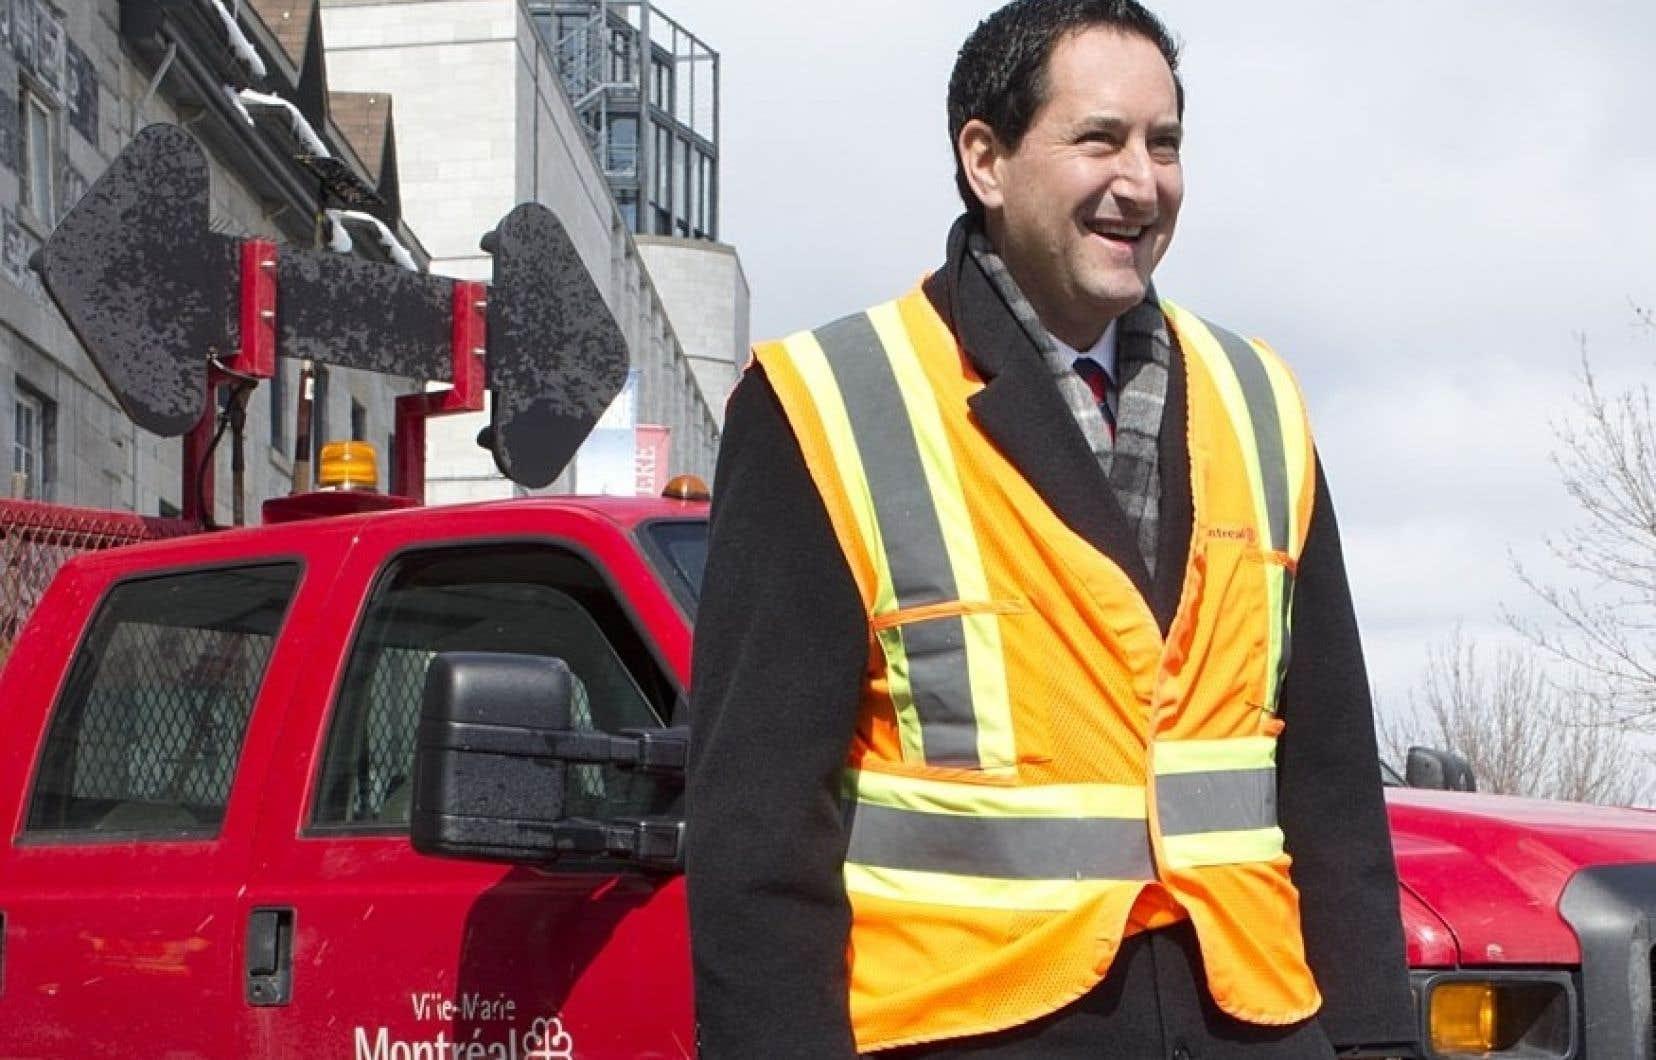 Le maire Michael Applebaum en est rendu à sonder la population pour lui demander si elle veut que les nids-de-poule soient réparés ou non.